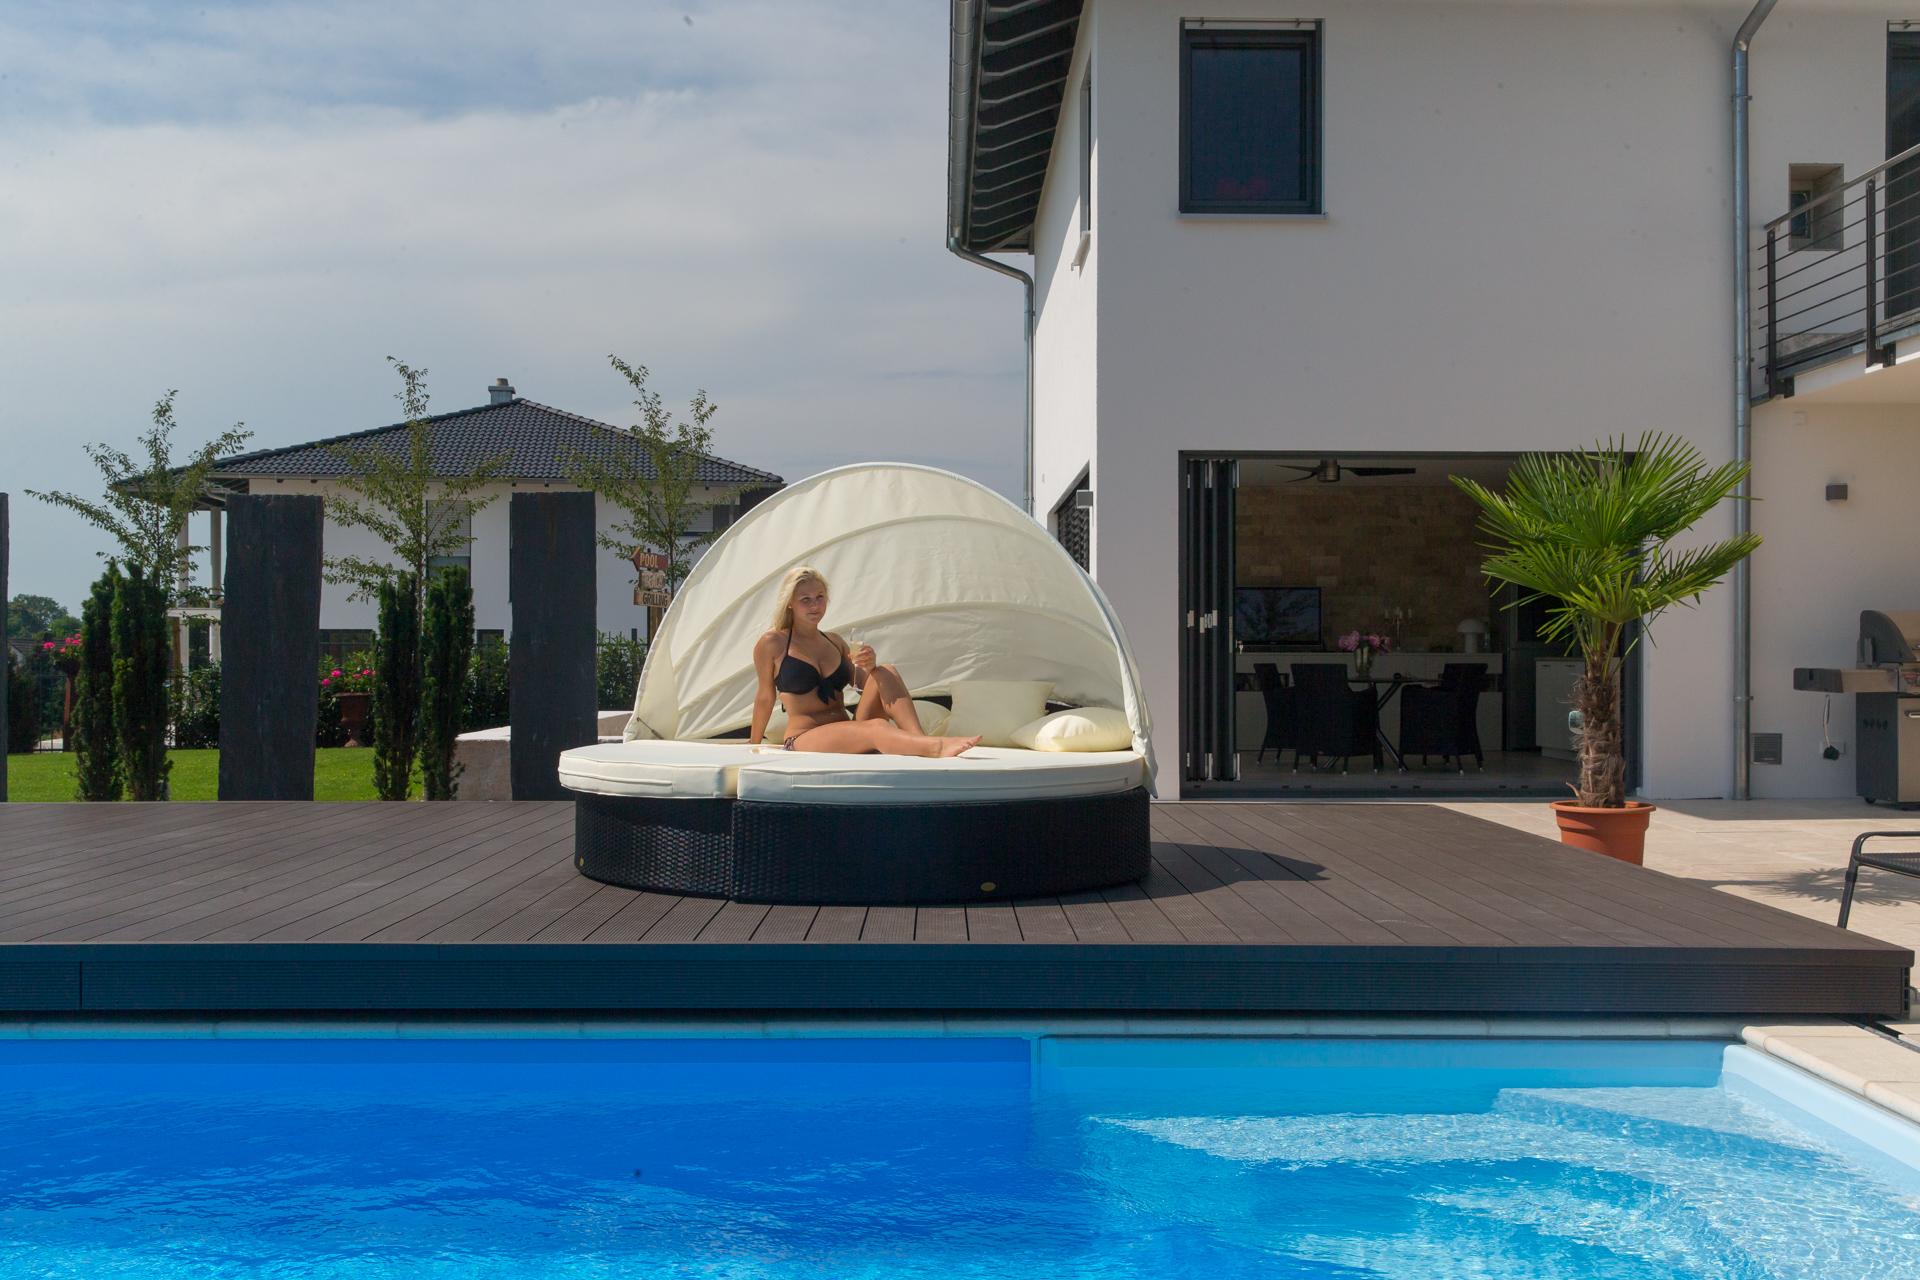 das fahrbare pooldeck von stegmann ihr pool fachmann aus ried. Black Bedroom Furniture Sets. Home Design Ideas